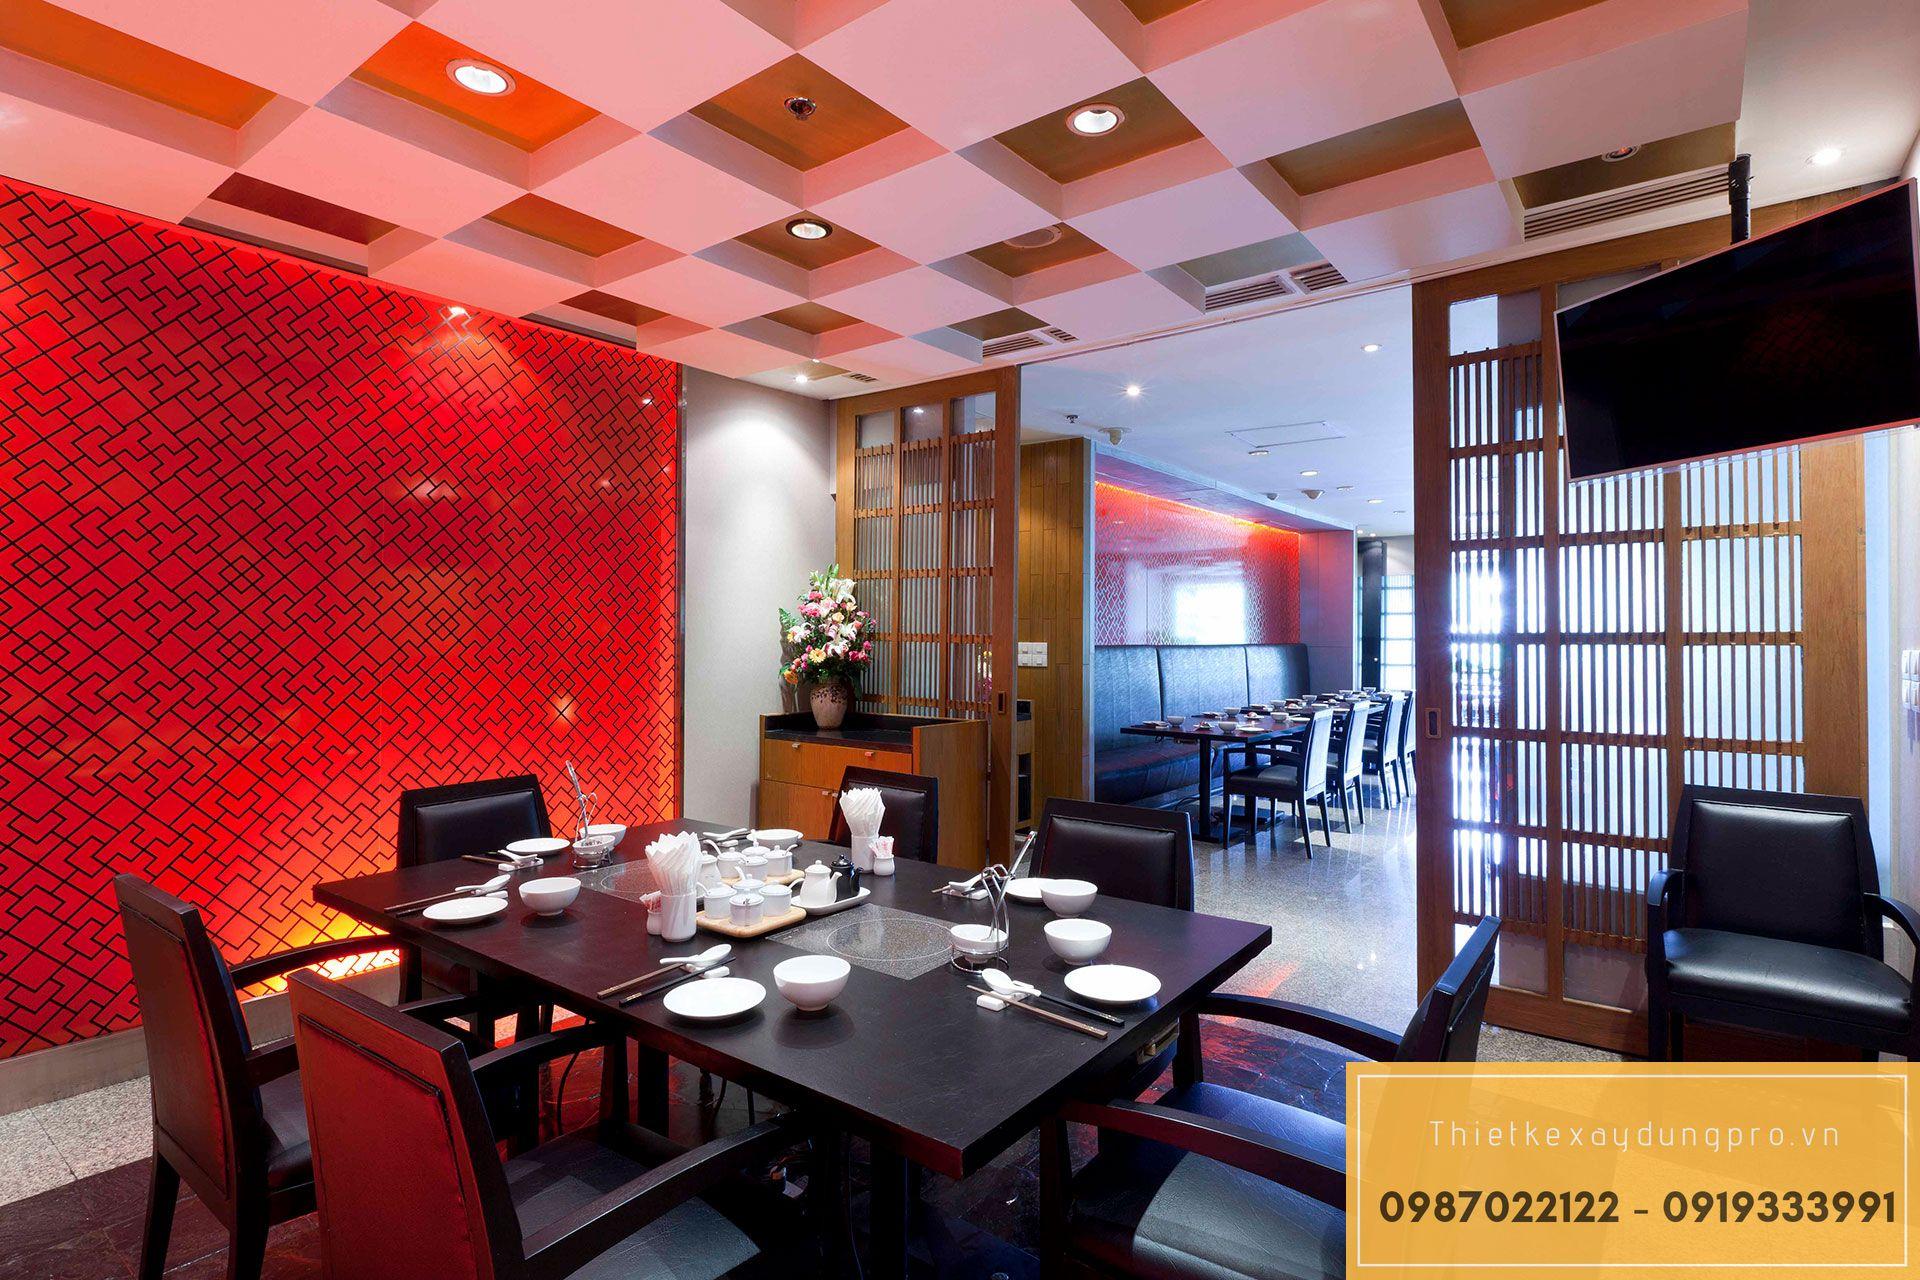 Thiết kế nhà hàng tại Vĩnh Phúc